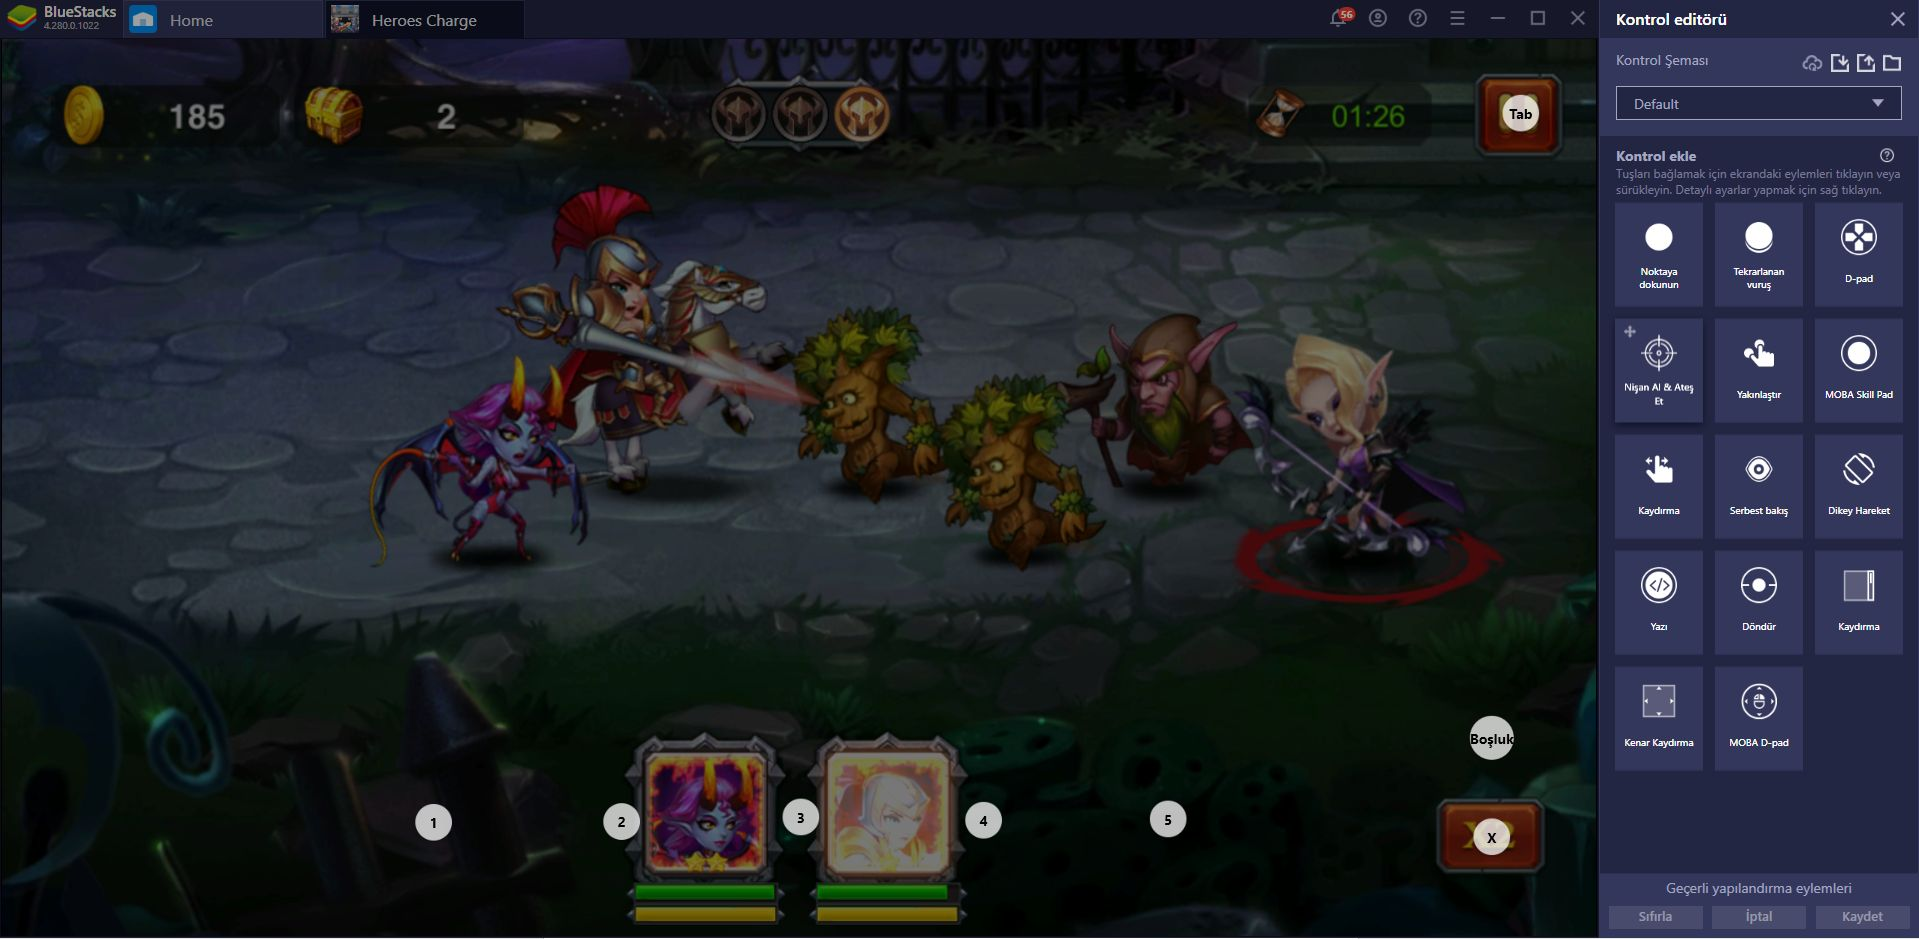 Heroes Charge Oyununu BlueStacks ile Bilgisayarınızda Oynayın